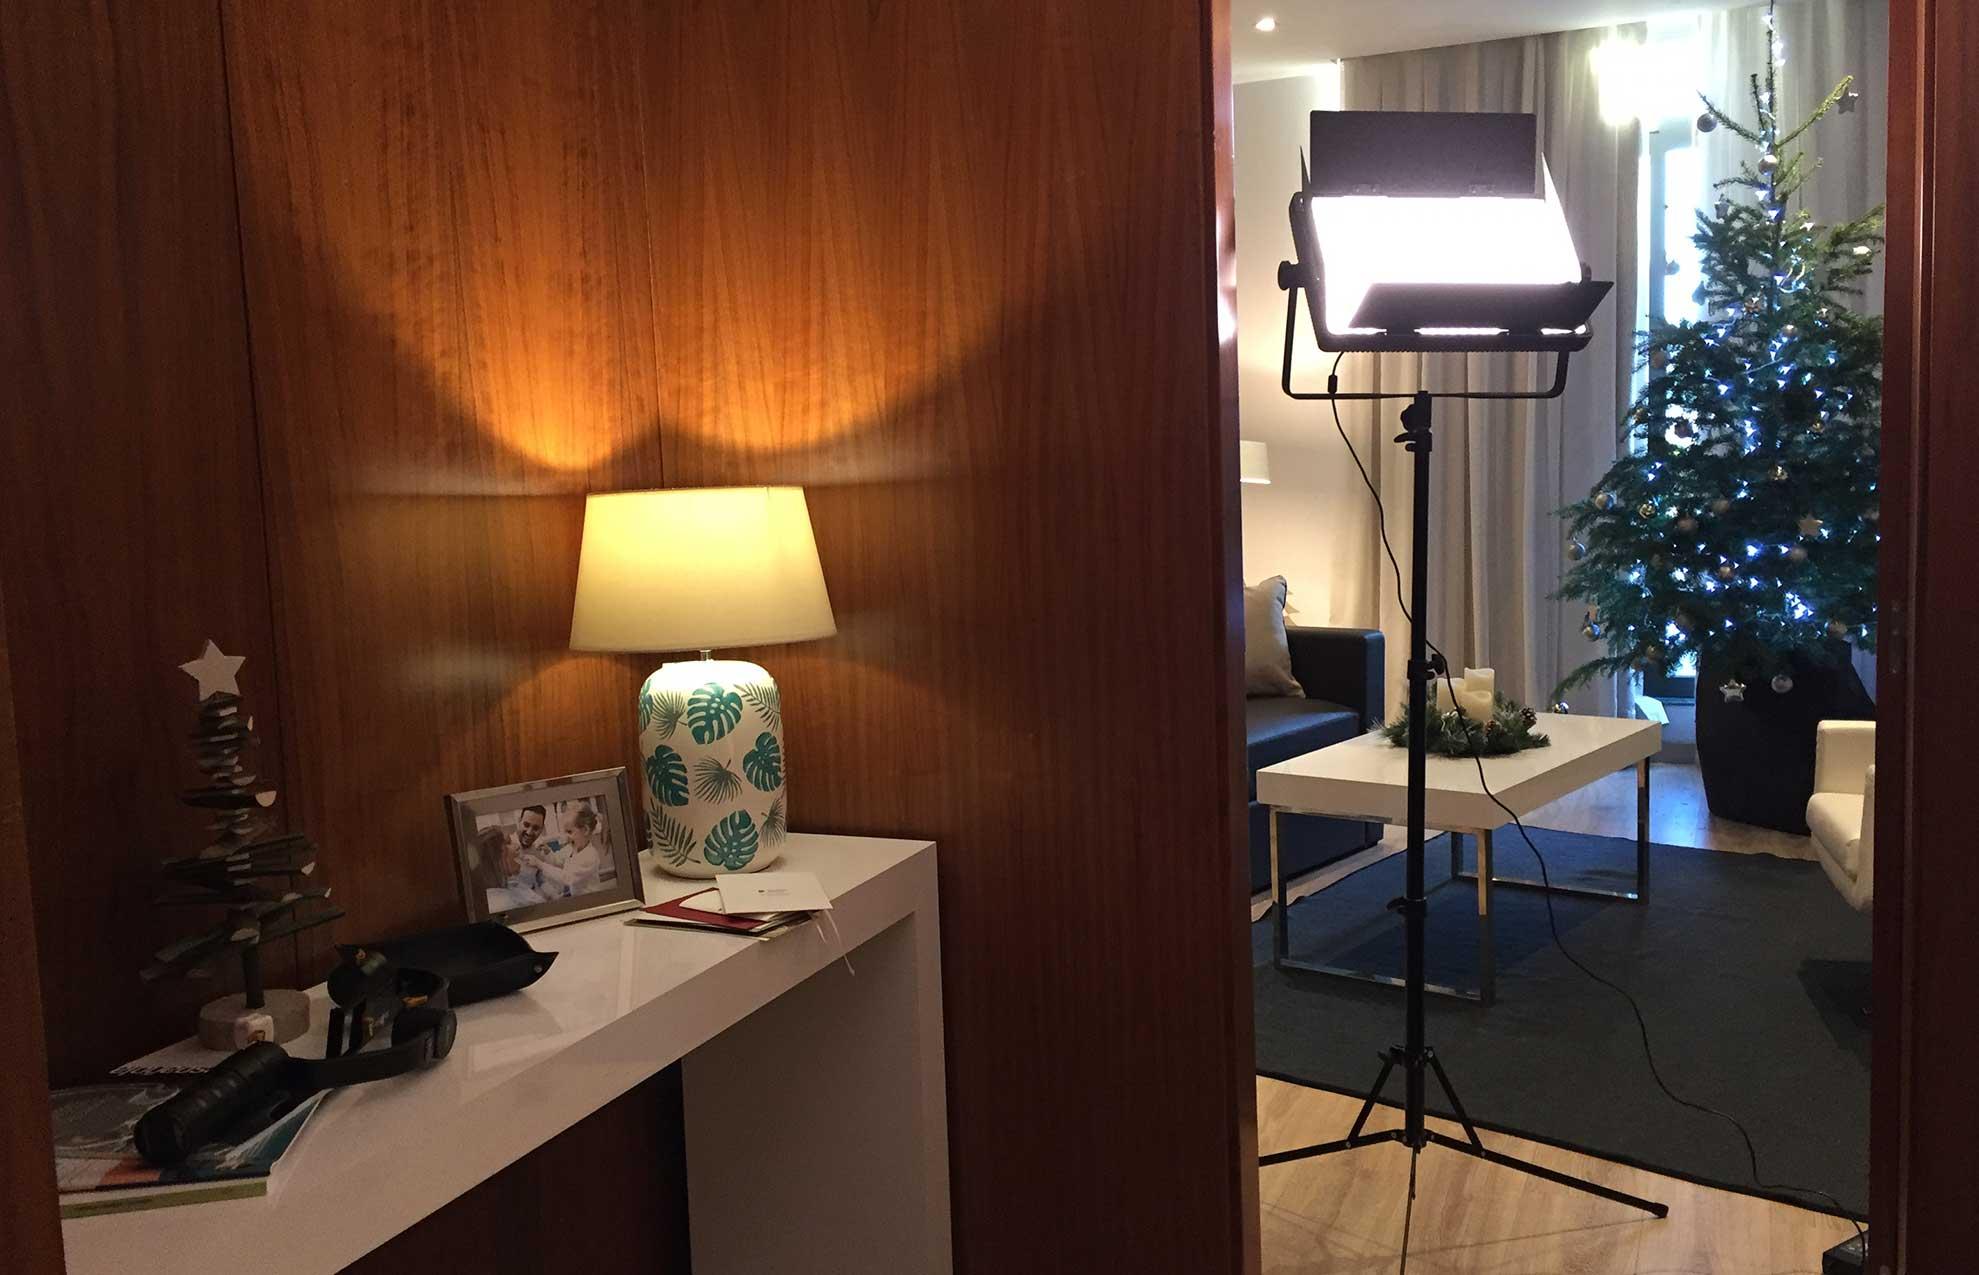 produccion audiovisual barcelona - ¿Cómo hacer un spot publicitario? Te mostramos un caso real